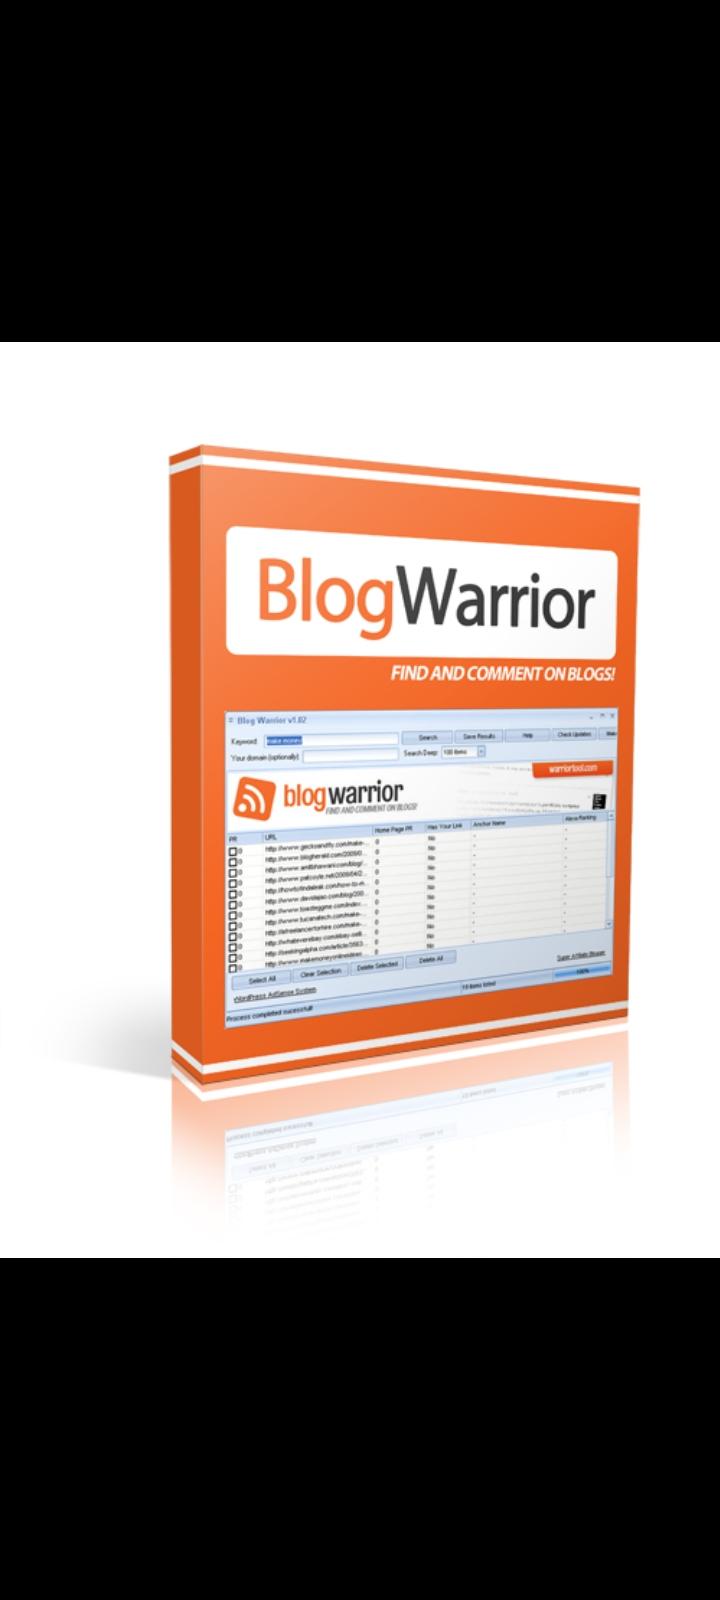 Blog warrior for blogging marketing